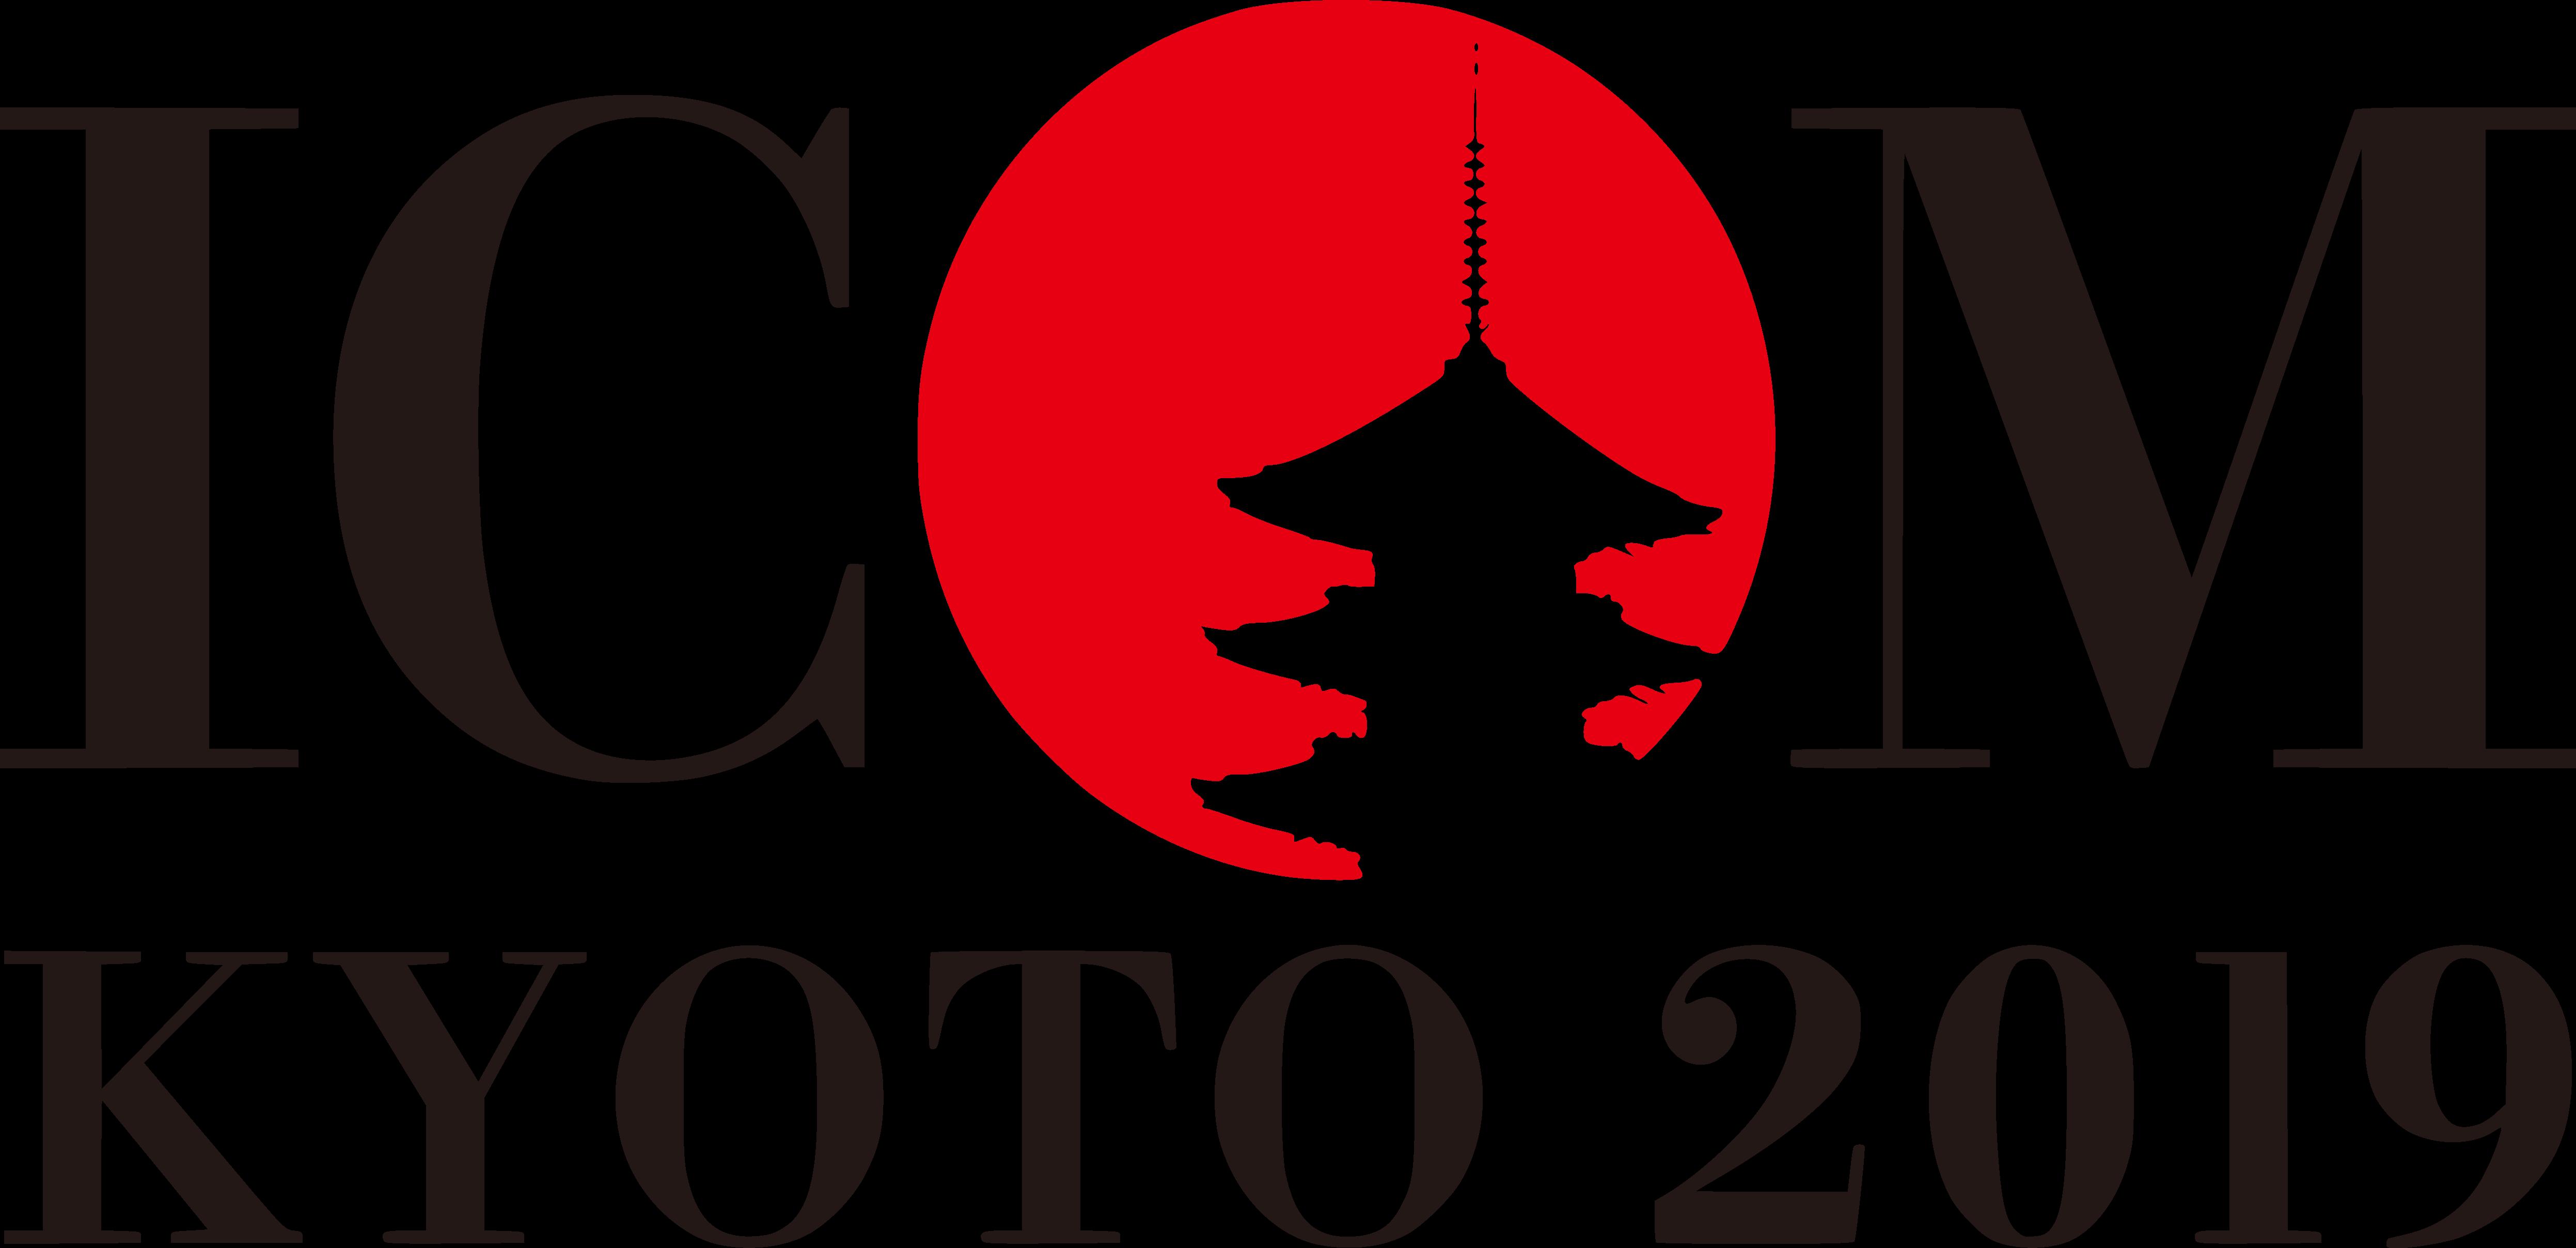 General Conferences - ICOM - ICOM